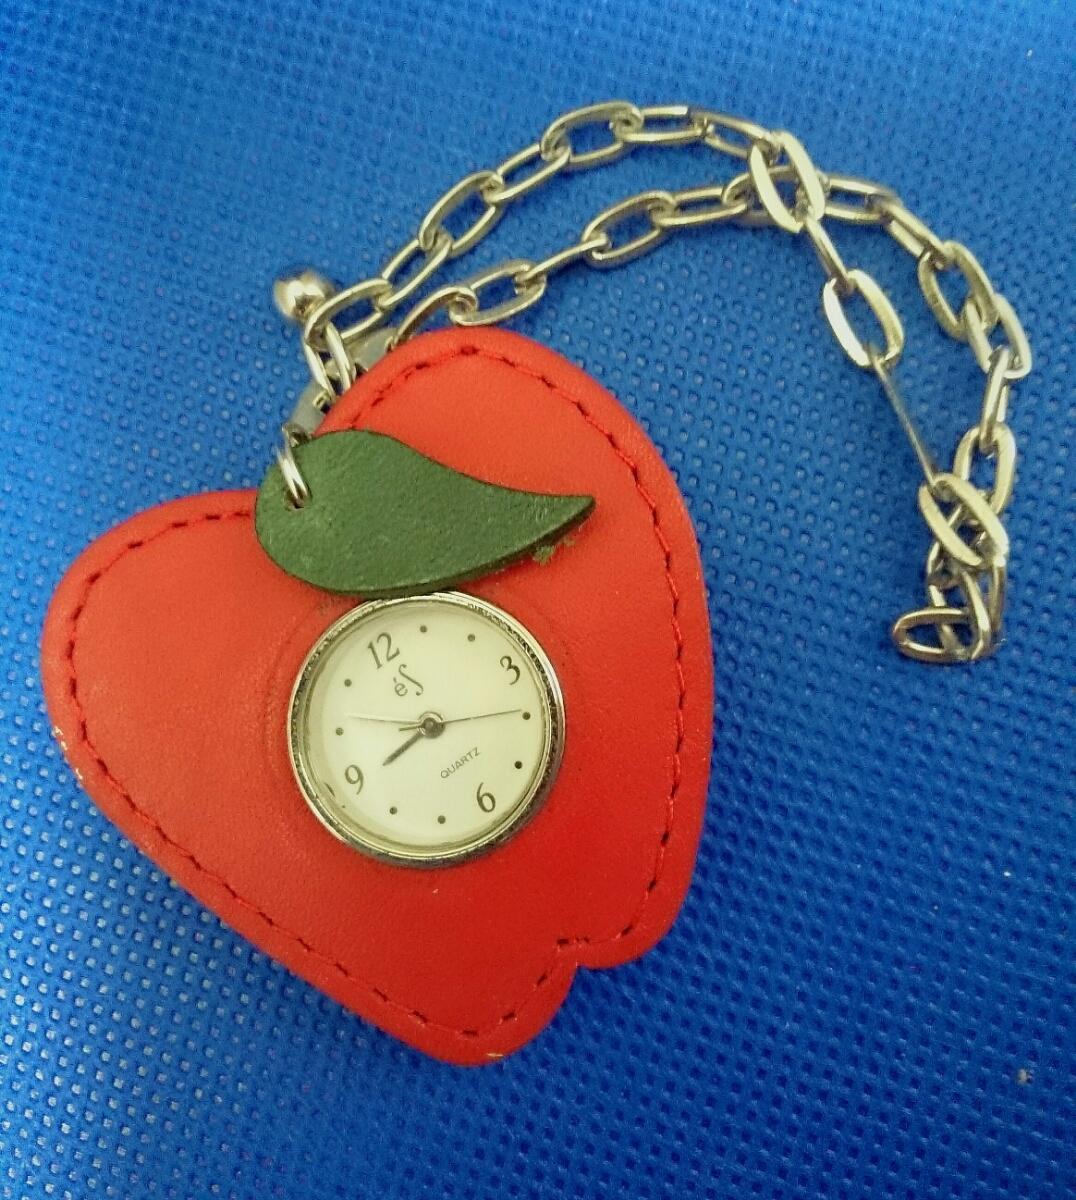 【かわいい♪】レザー風フレーム付き リンゴ アップル型 クォーツ式 ウォッチ付きチャーム キーホルダー 電池切れ 動作未確認 懐中時計_画像3